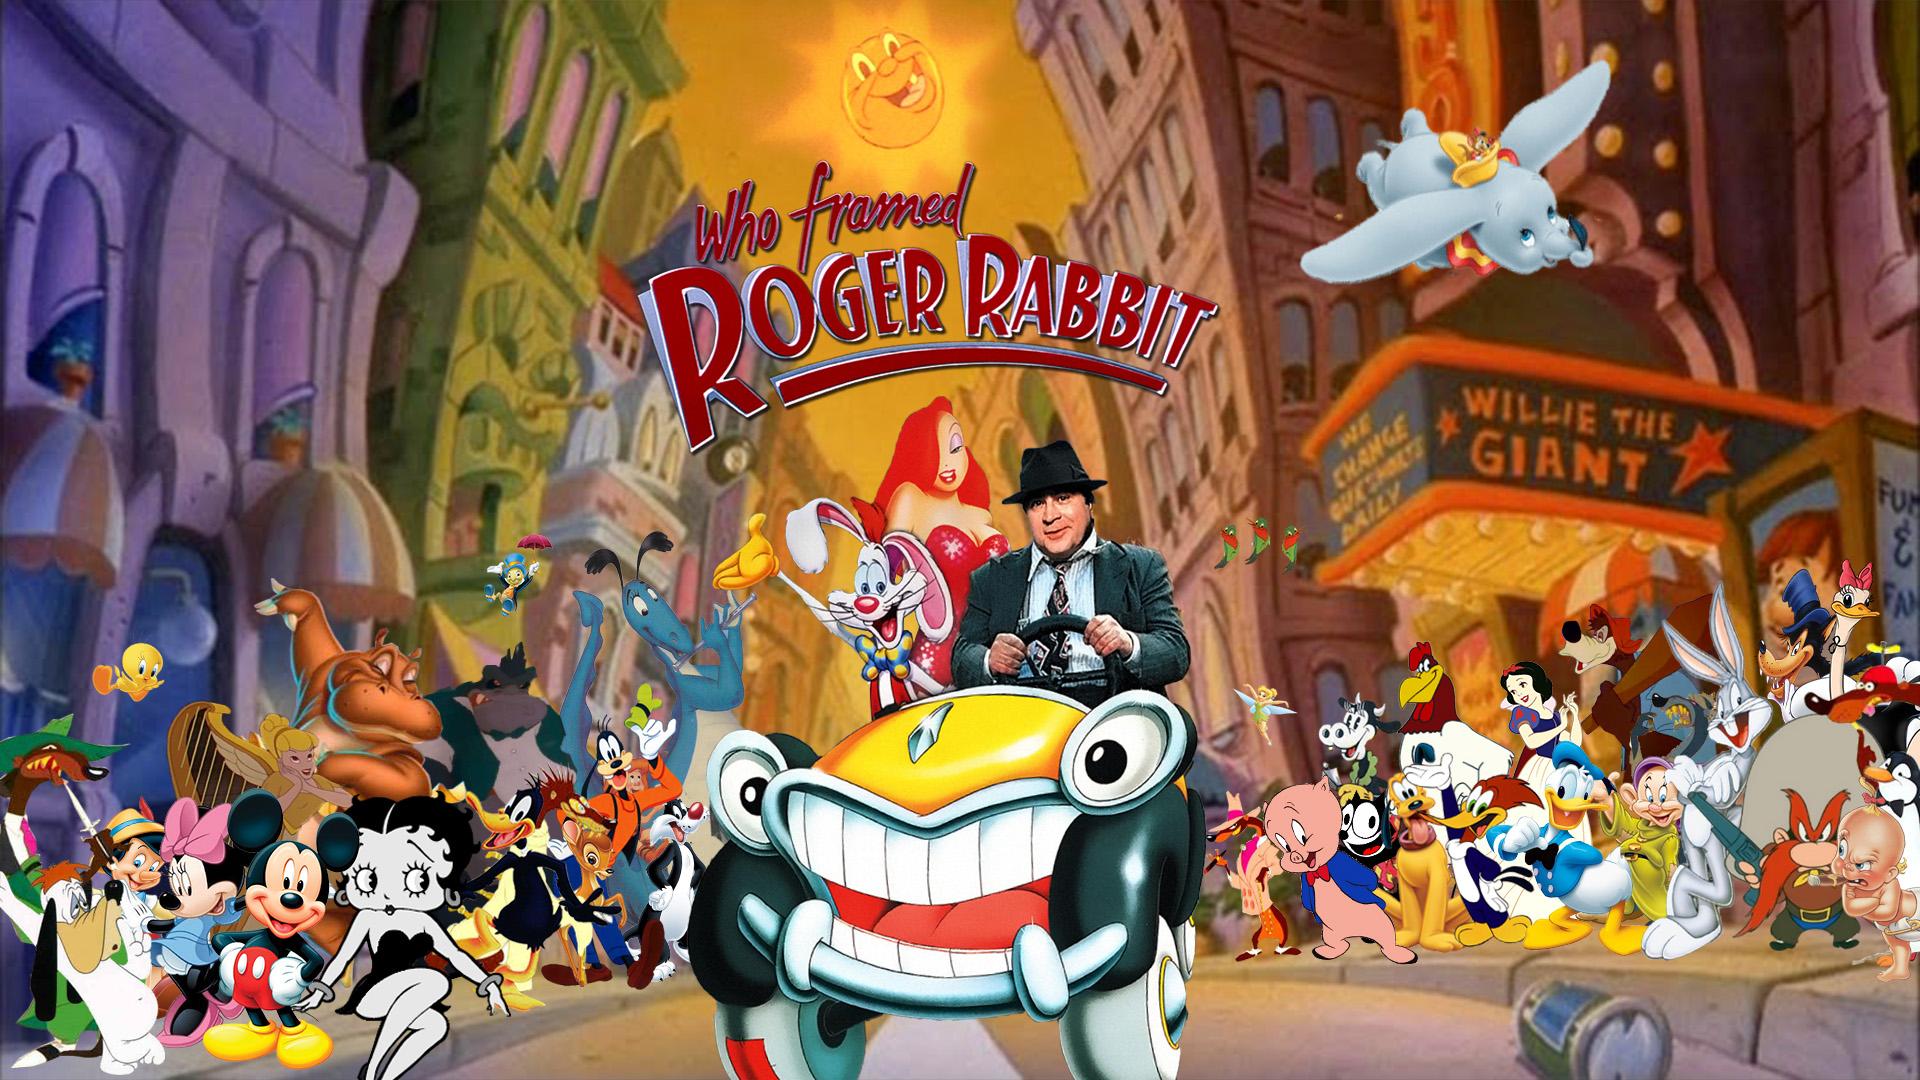 Who Framed Roger Rabbit (โรเจอร์ แรบบิท ตูนพิลึกโลก)